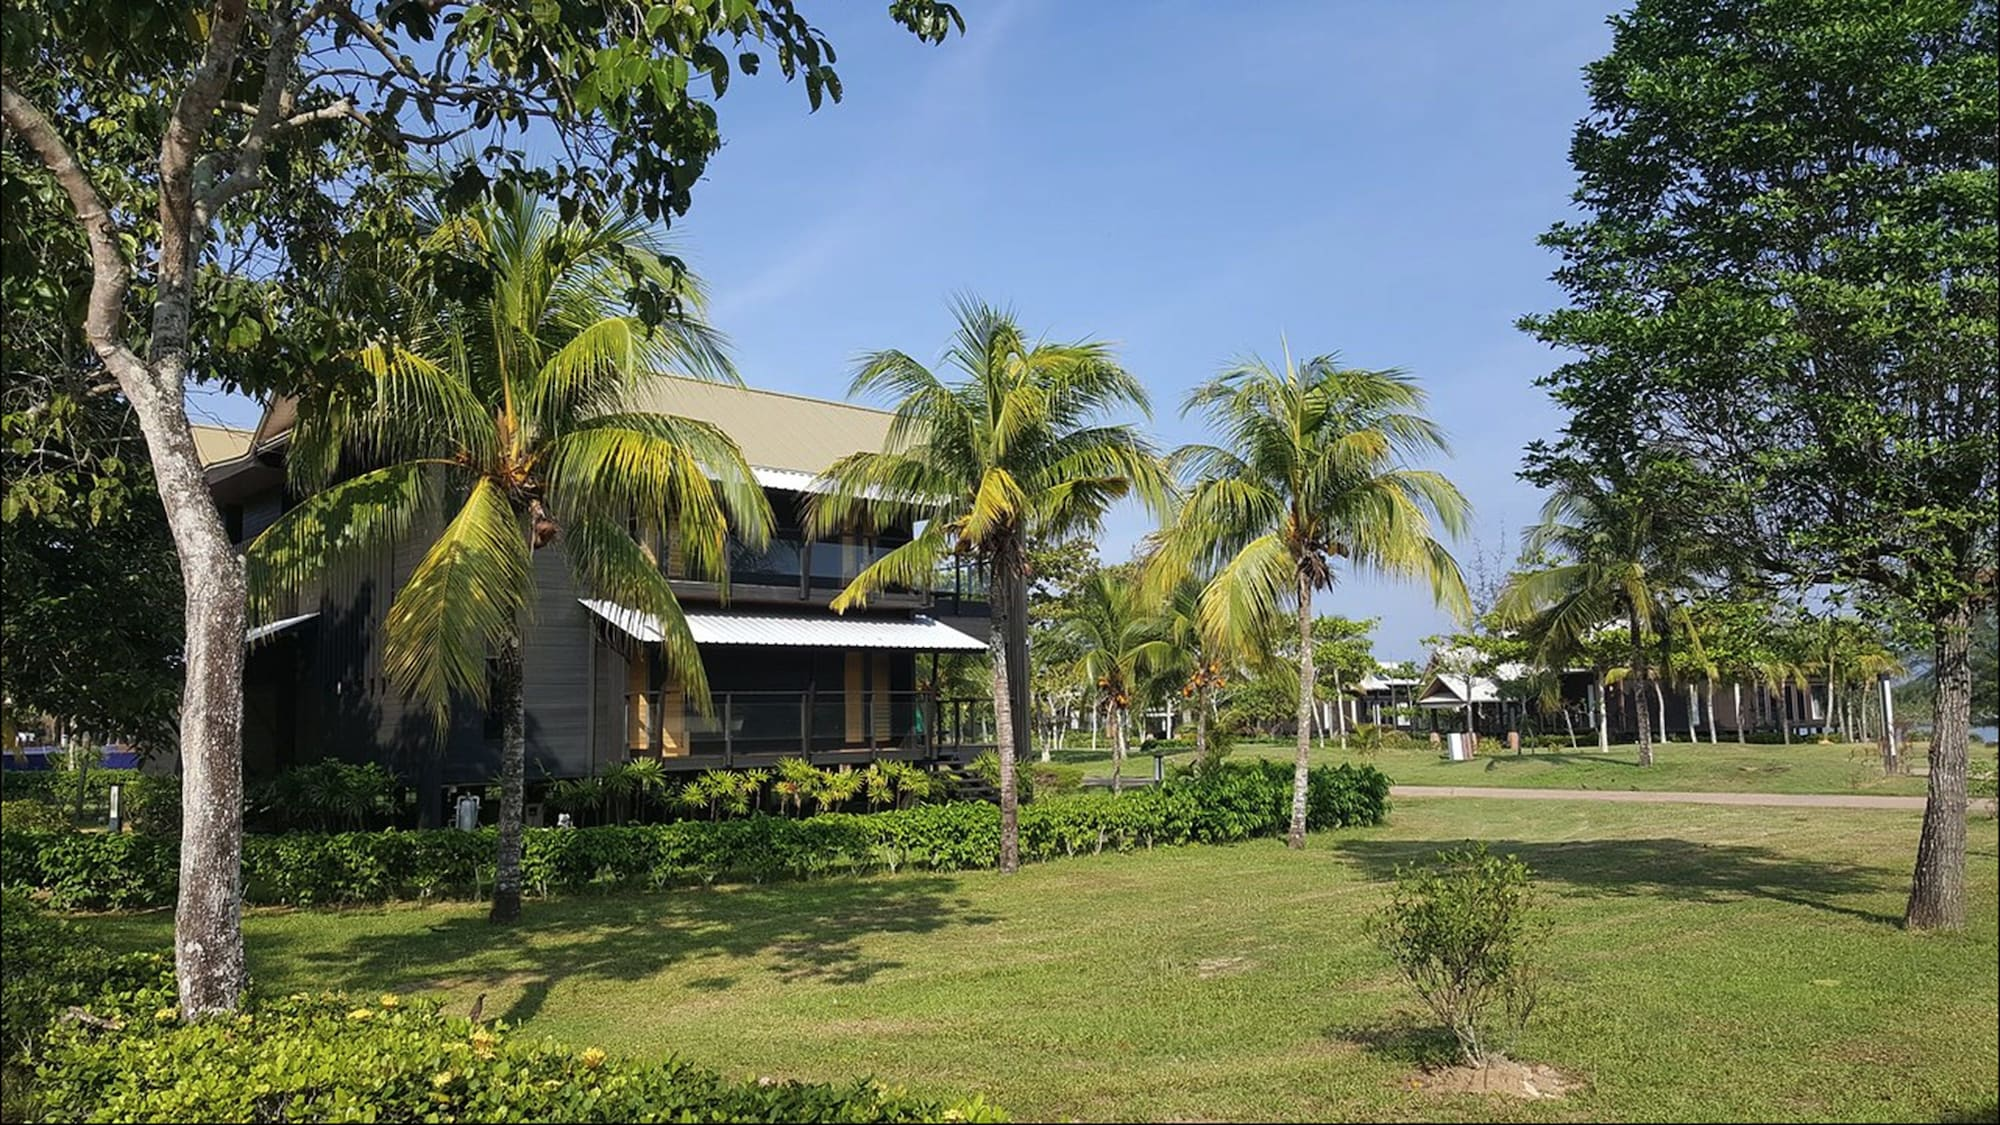 Duyong Marina & Resort, Kuala Terengganu